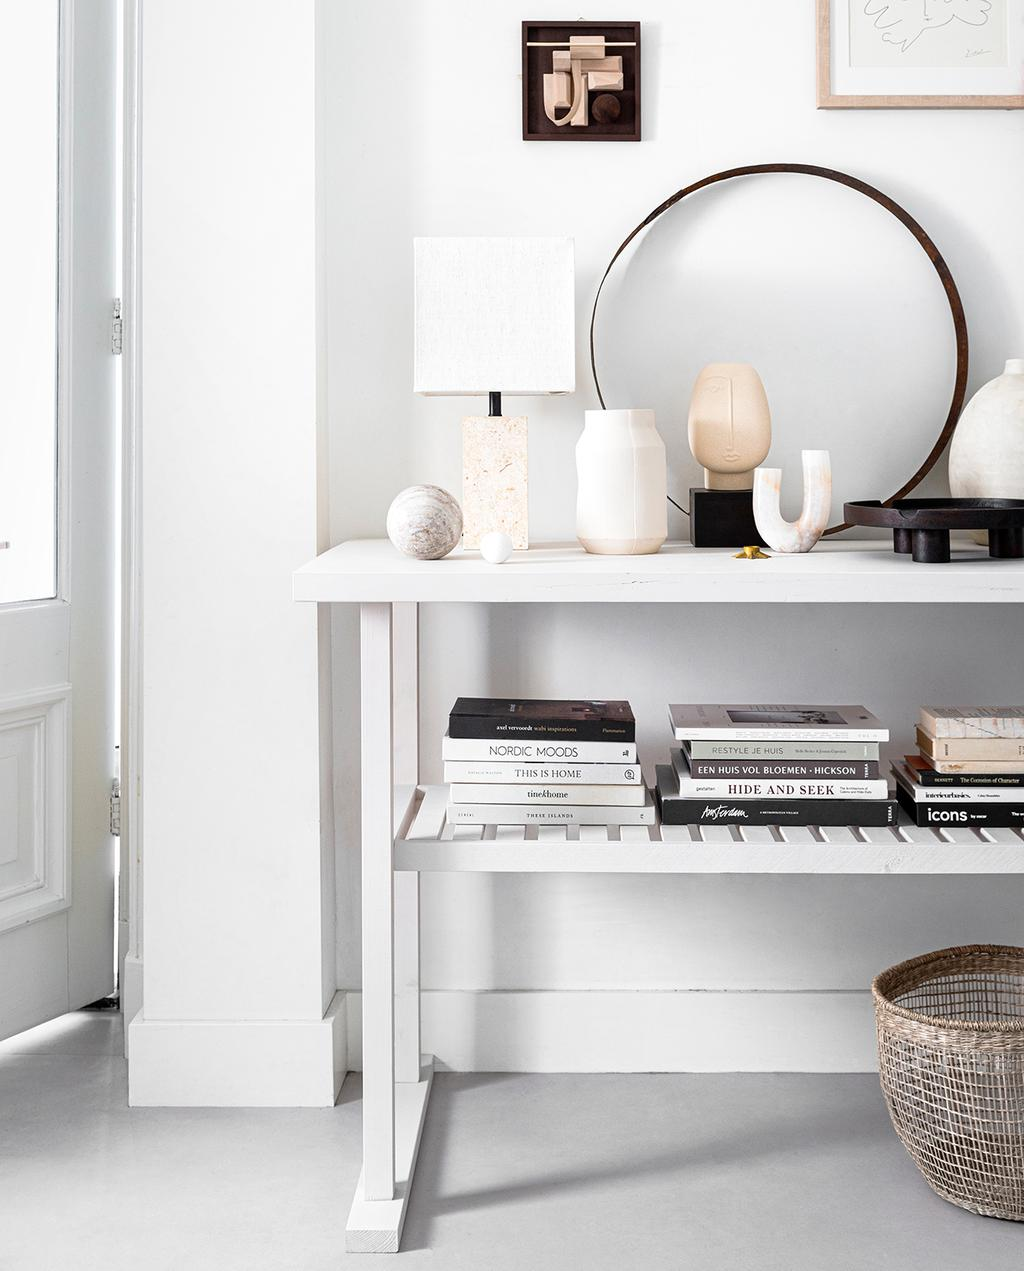 vtwonen 04-2020 | wit houten meubel siderale gedecoreerd met aardetinten en boeken